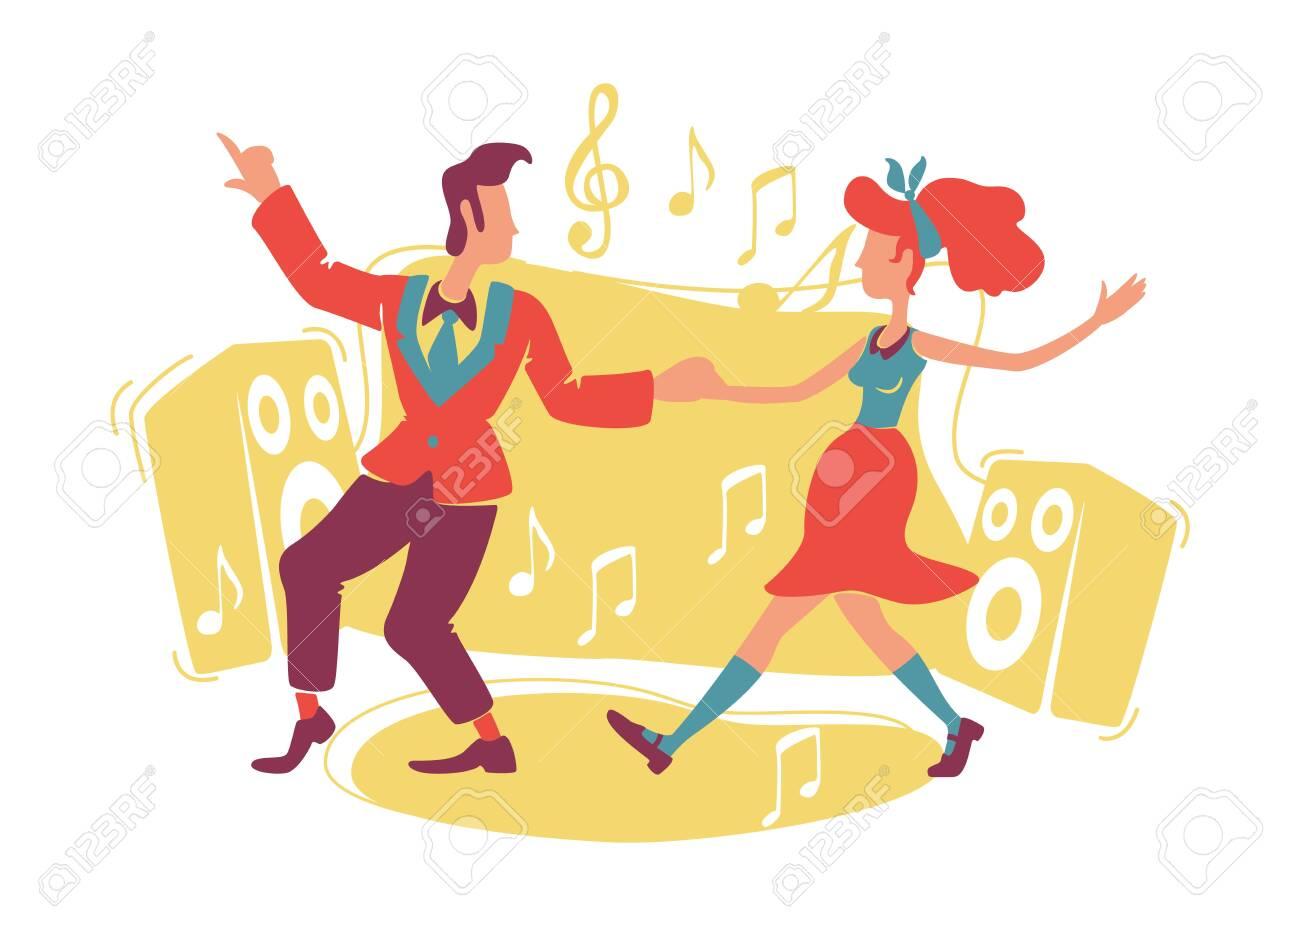 Dancing Rock Roll Stock Illustrations – 1,595 Dancing Rock Roll Stock  Illustrations, Vectors & Clipart - Dreamstime